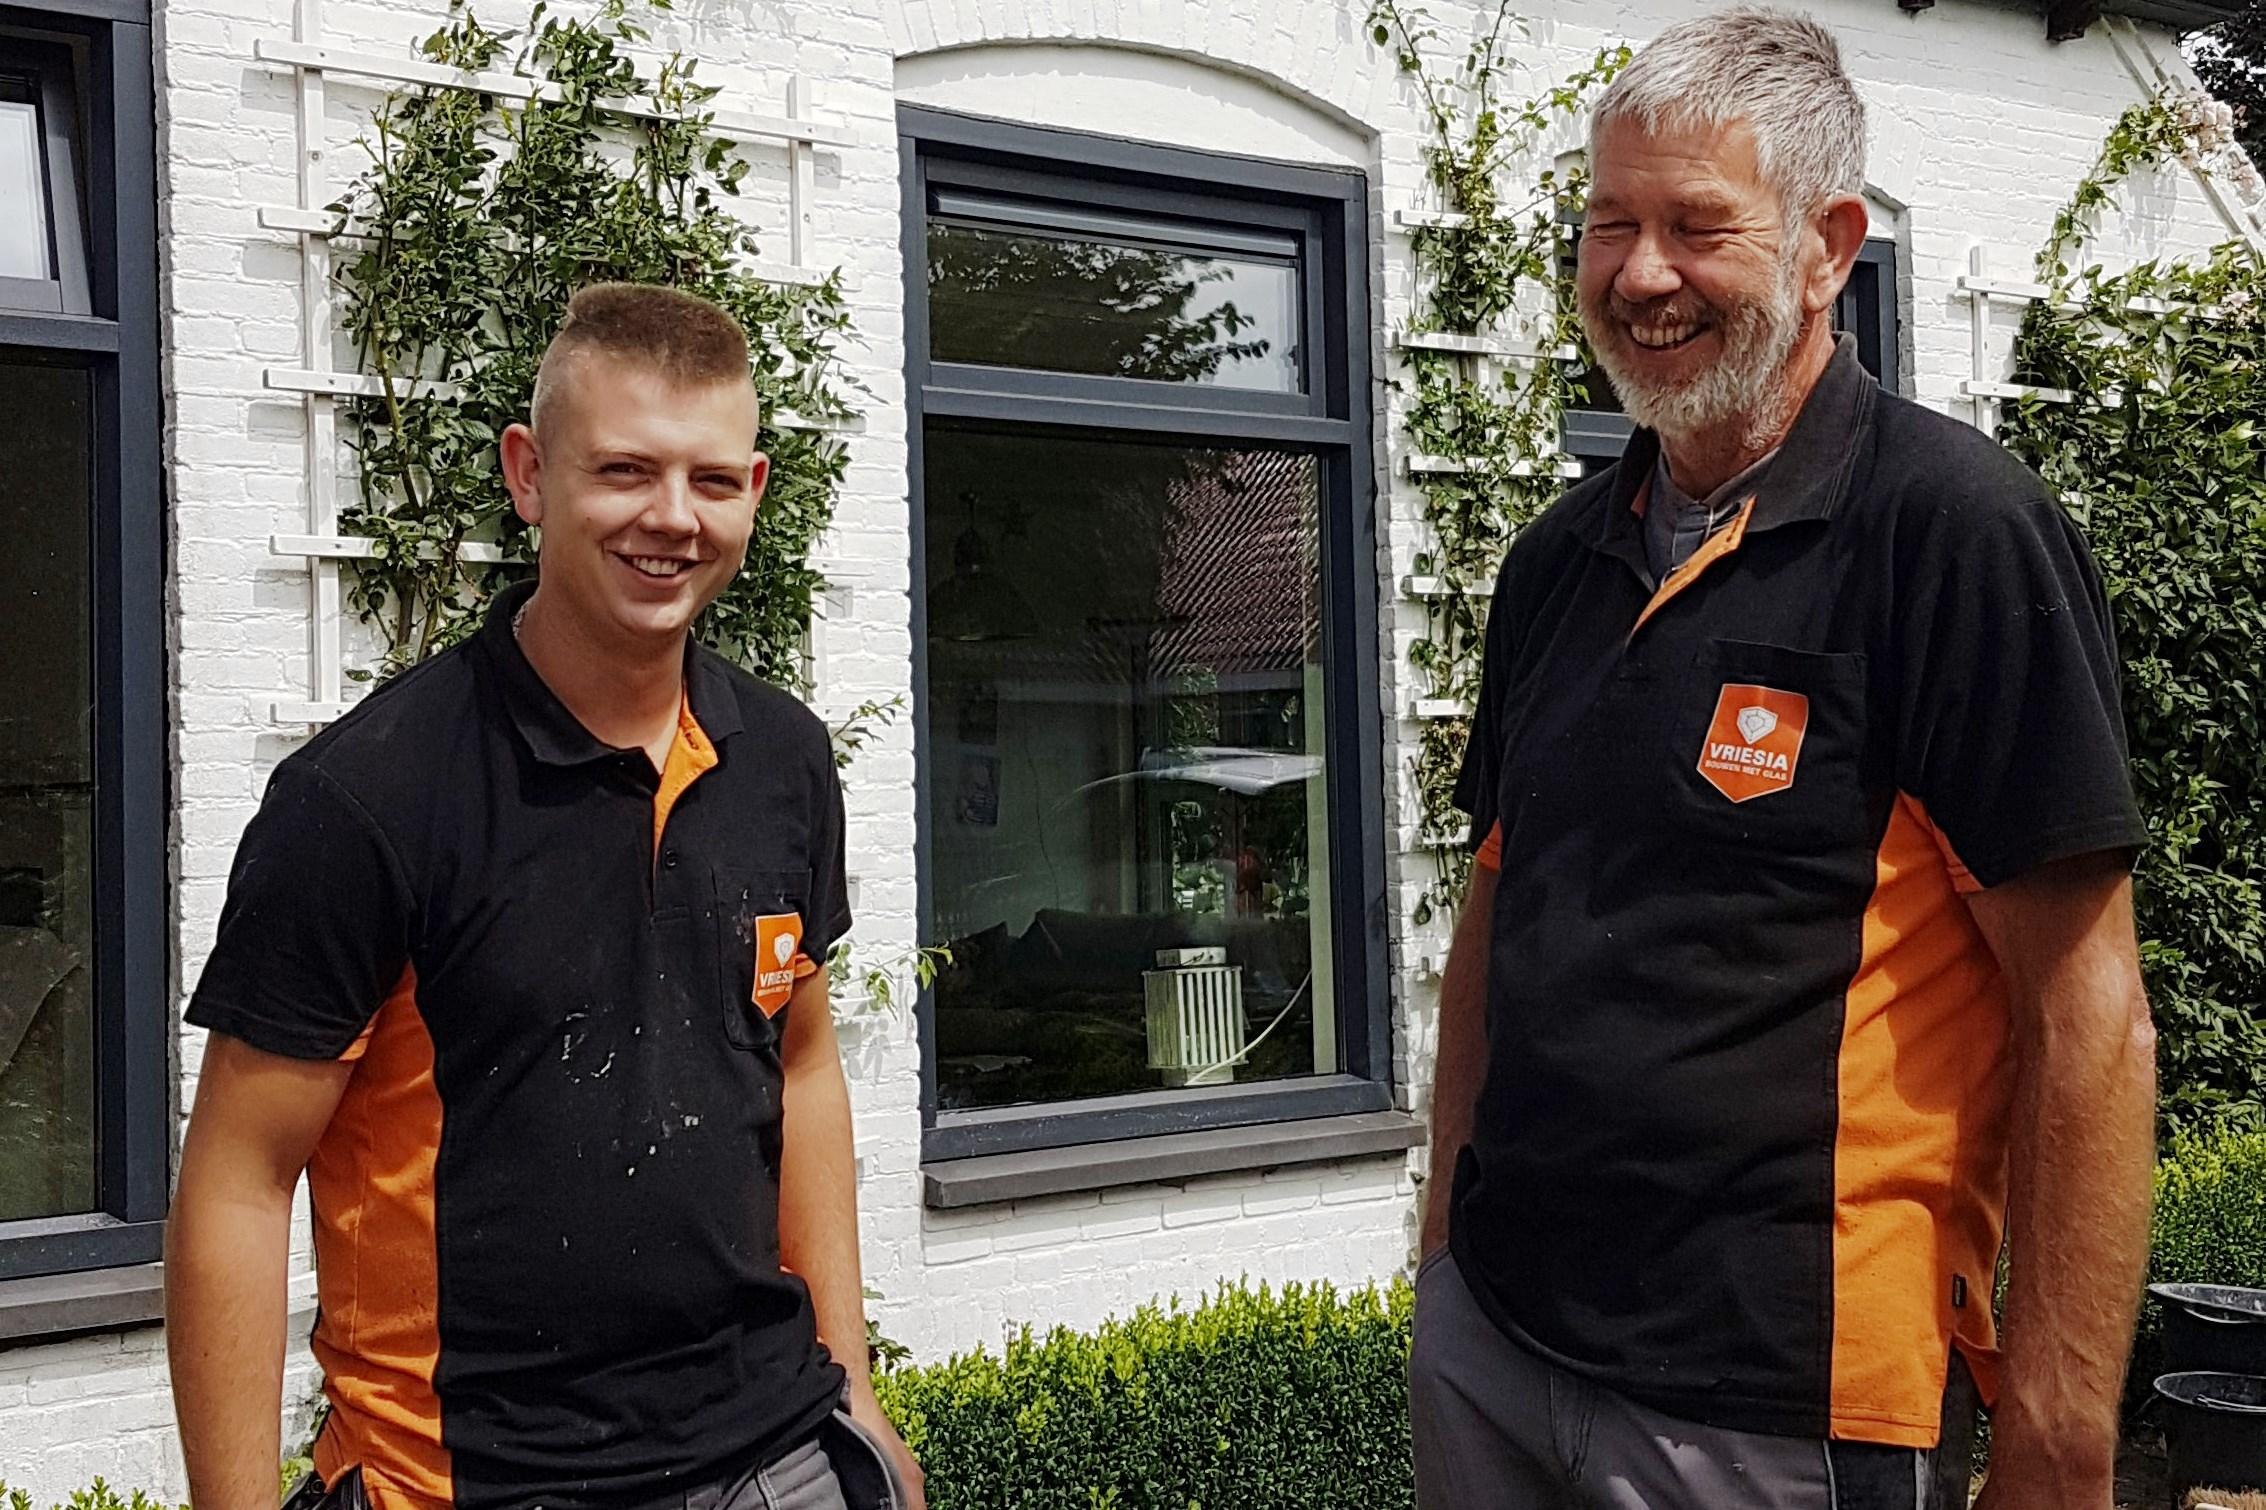 Friese Vakmannen van Vriesia Glas & Kozijnen